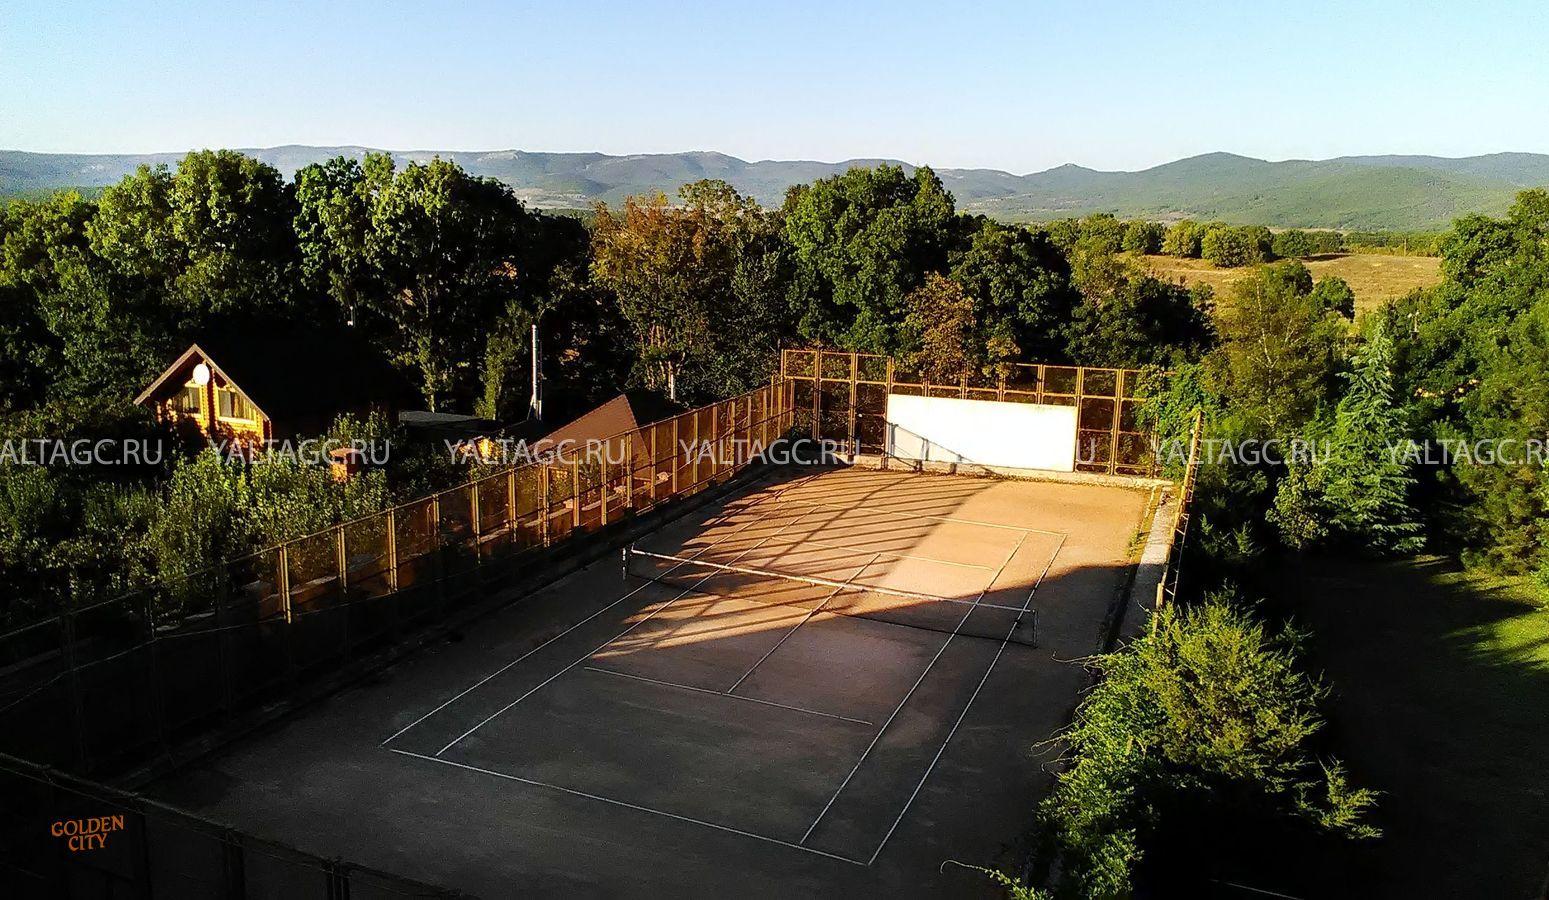 Жилой дом с теннисным кортом